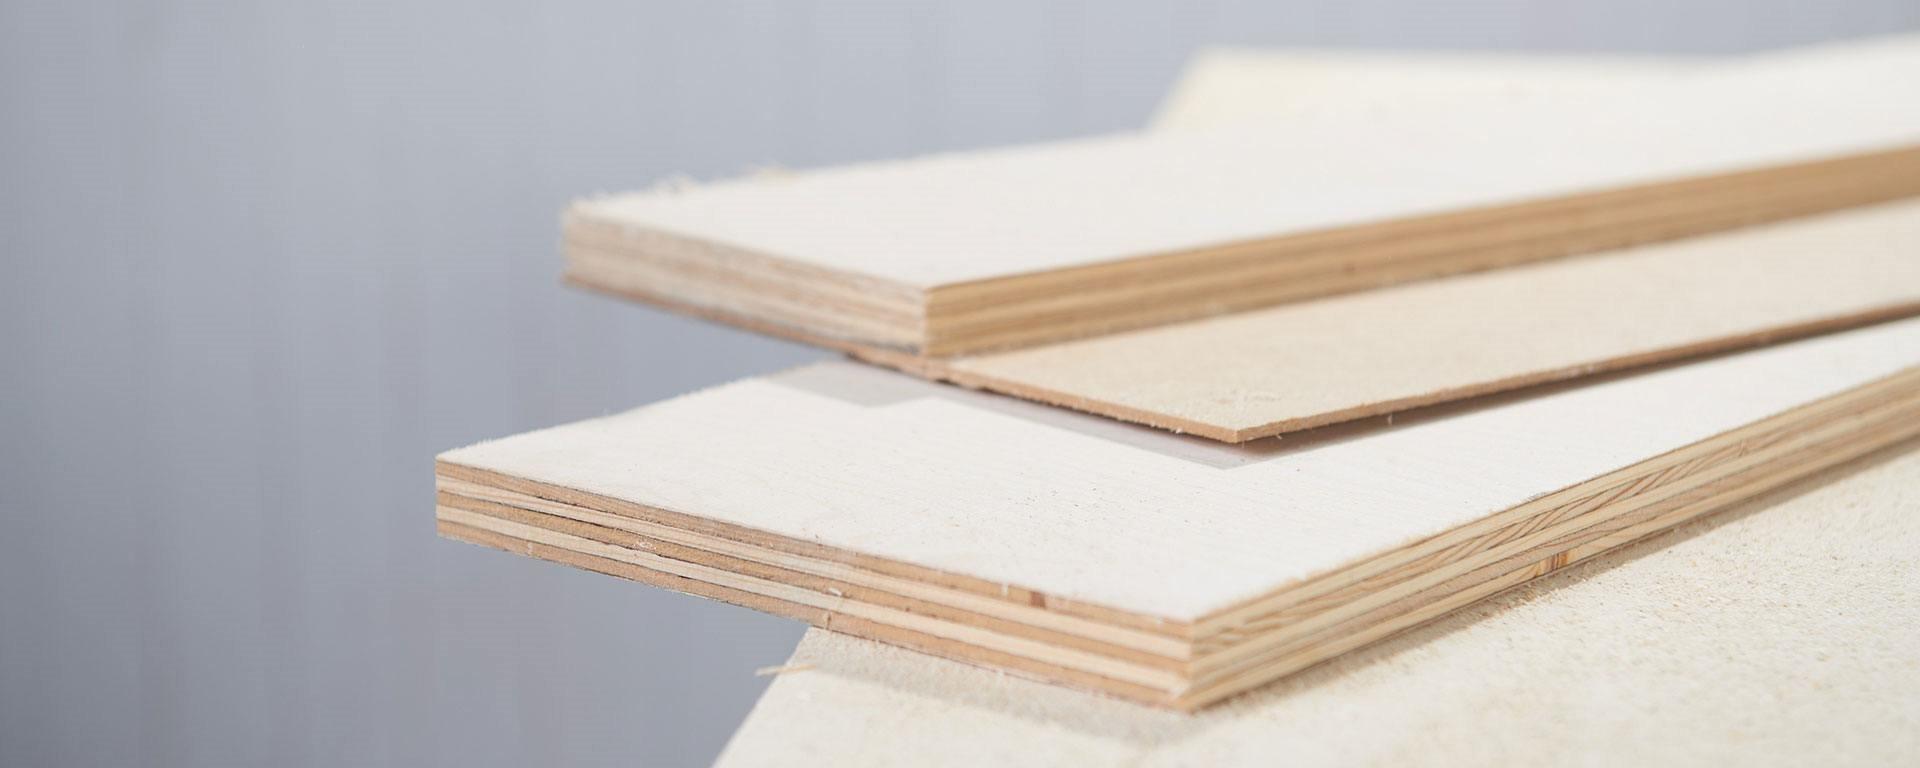 Fabriquer un chevalet pour couper du bois - Fabriquer un chevalet pour couper du bois ...